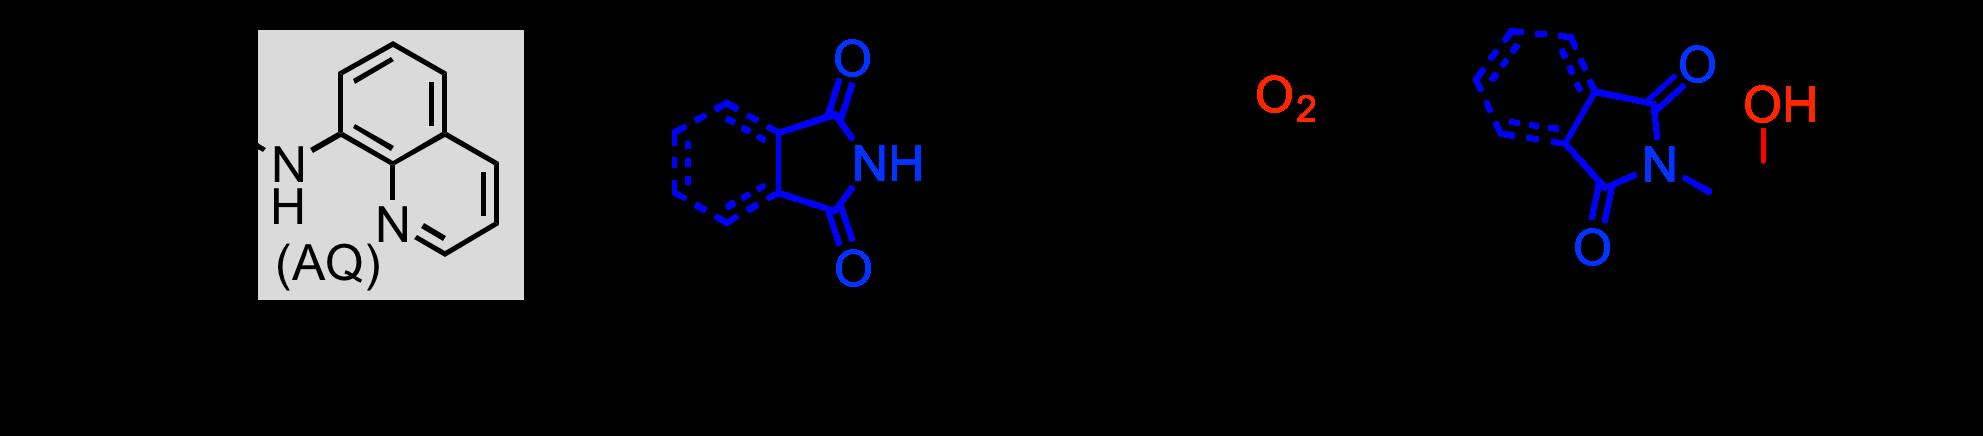 aminooxygenation